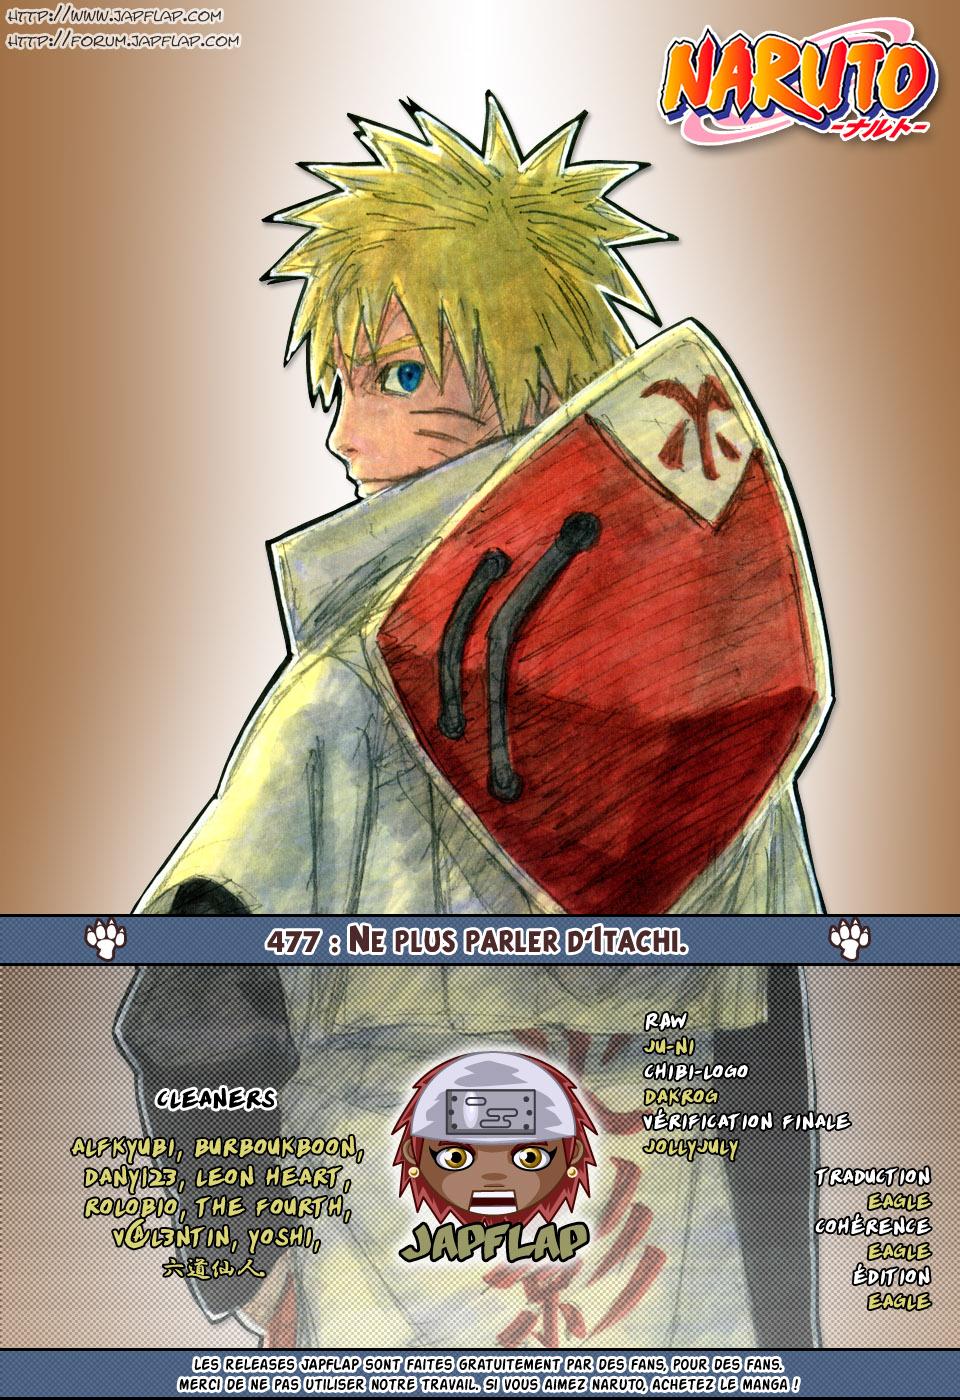 Naruto chapitre 477 - Page 17